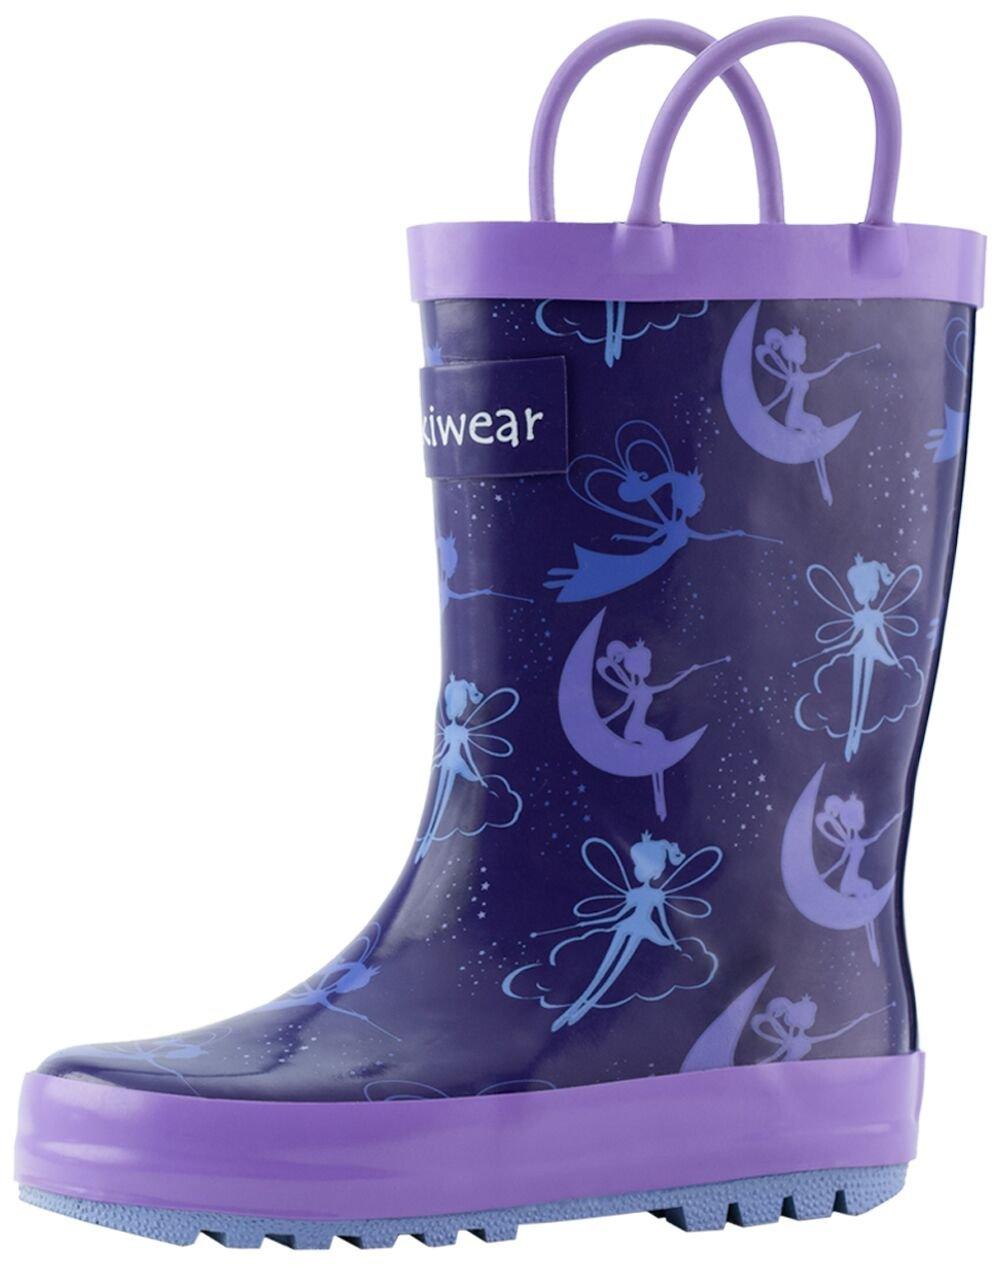 Oakiwear Kids Rubber Rain Boots with Easy-On Handles, Fairy Dust, 1Y US Little Kid by Oakiwear (Image #3)